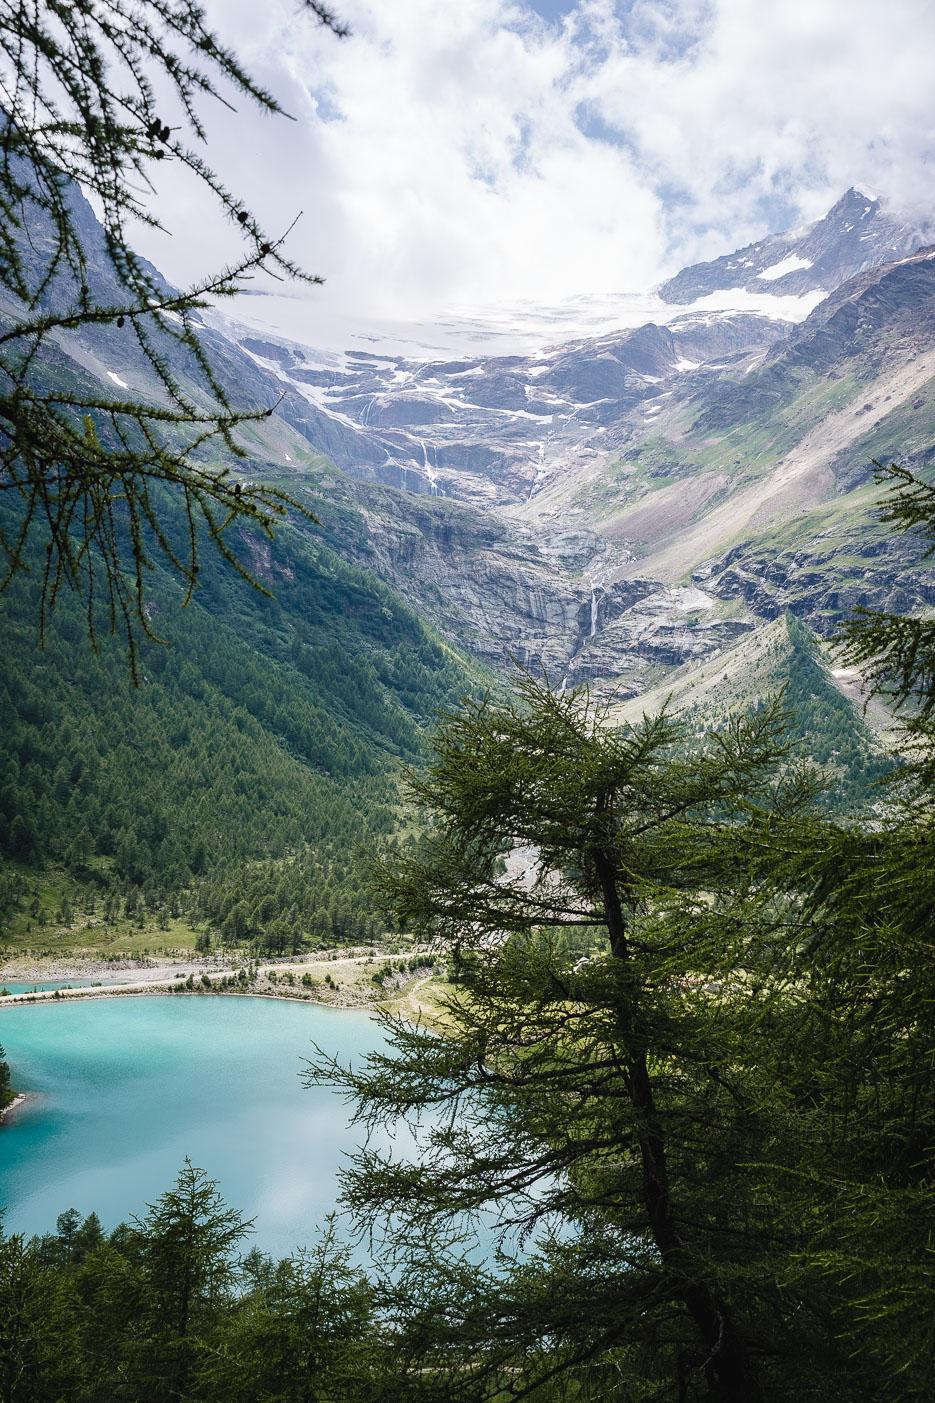 schweiz graubünden piz palü gletschersee